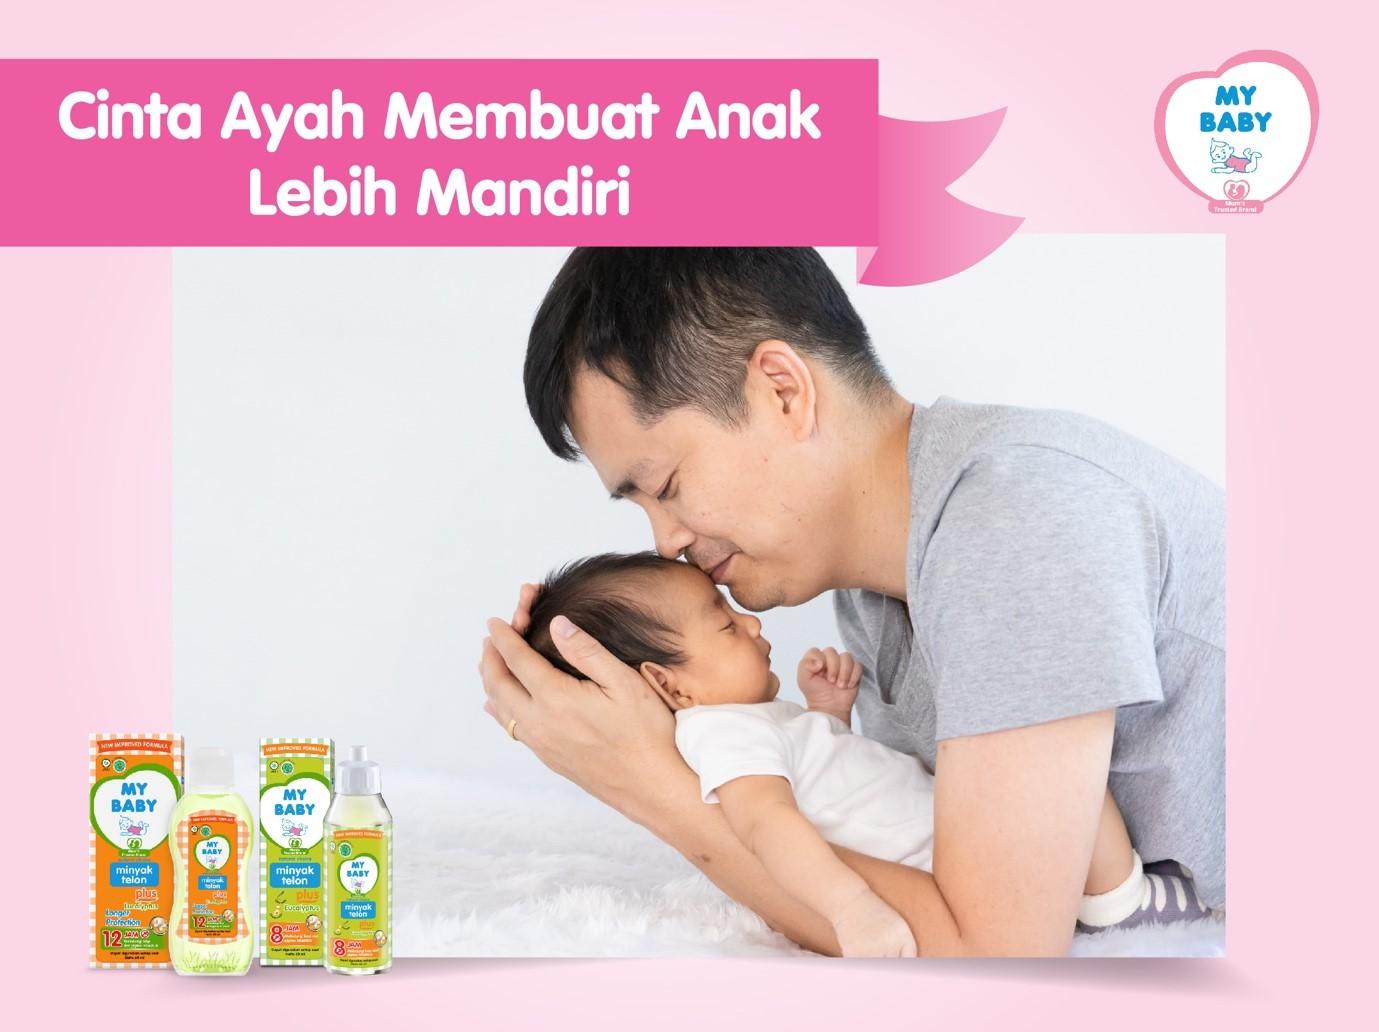 Cinta Ayah Membuat Anak Lebih Mandiri